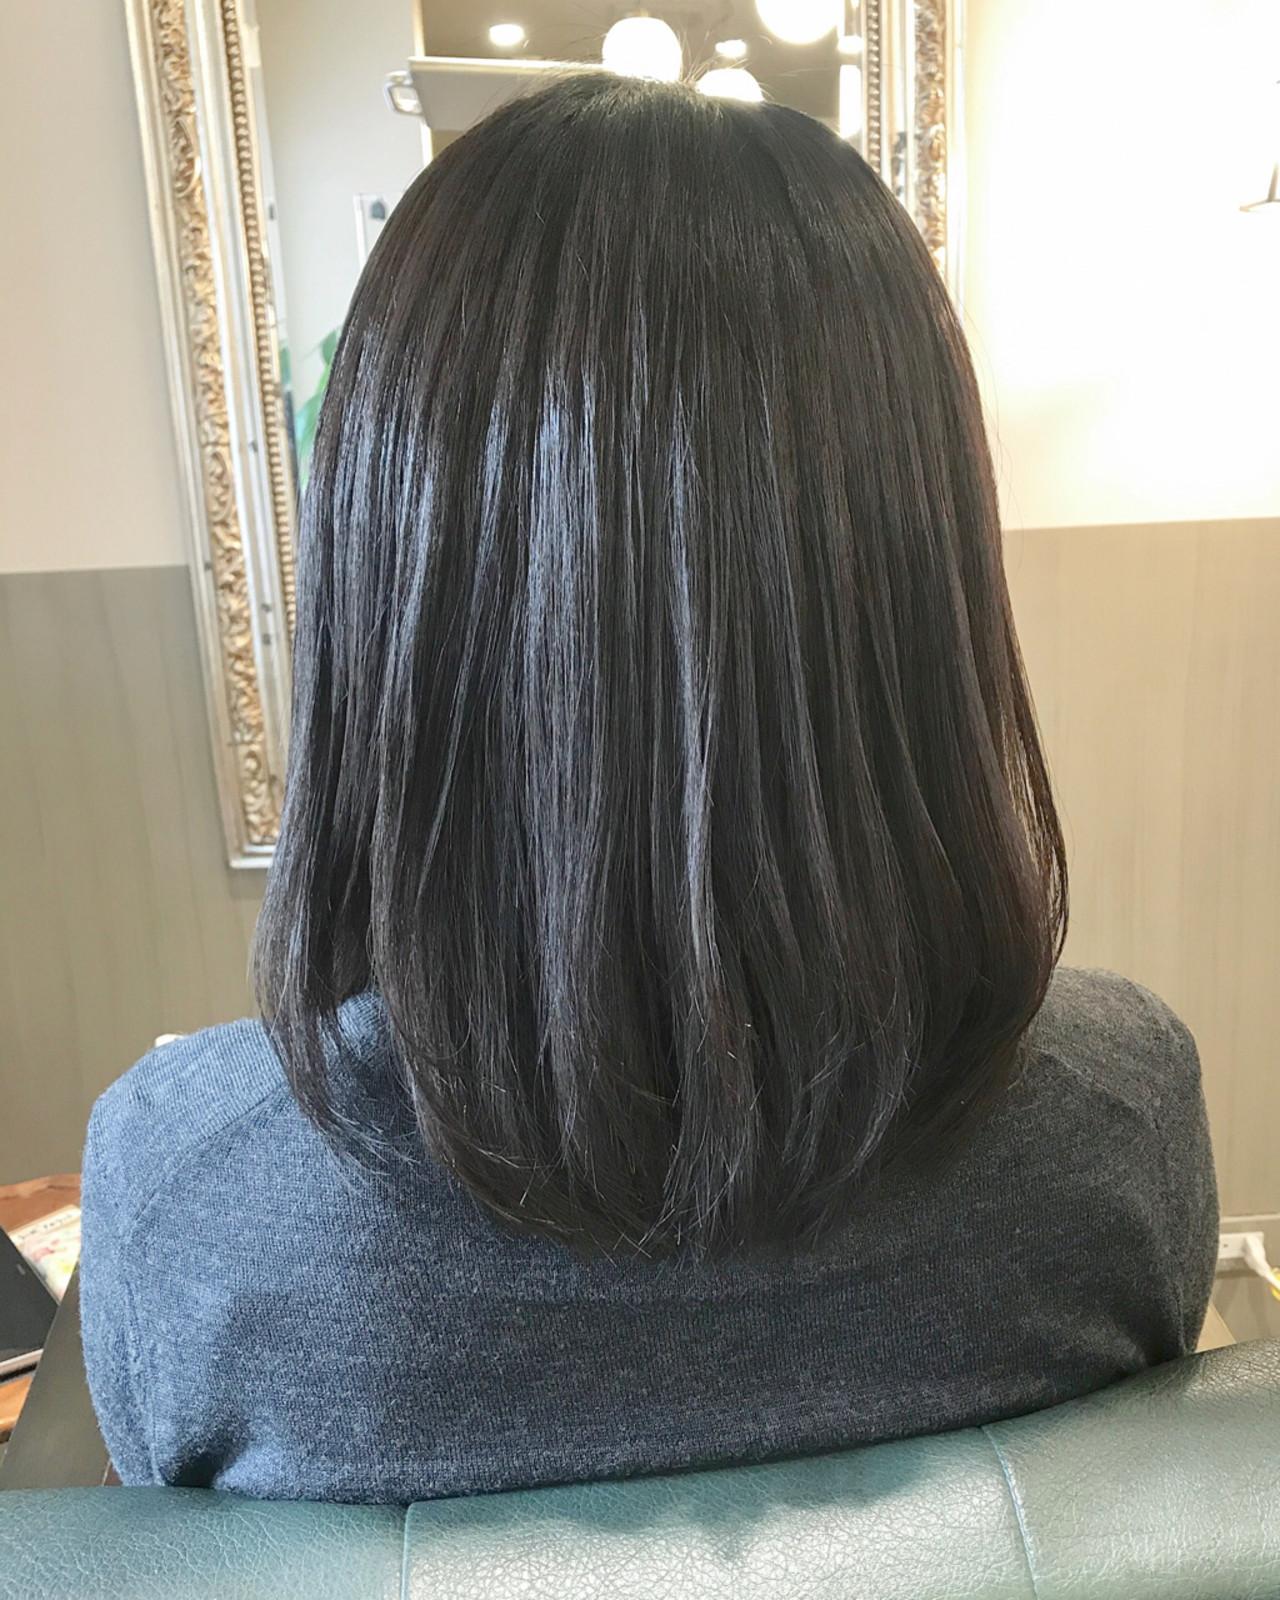 マット 黒髪 大人女子 ボブ ヘアスタイルや髪型の写真・画像 | 伊藤絵里子 / moon hair styling salon